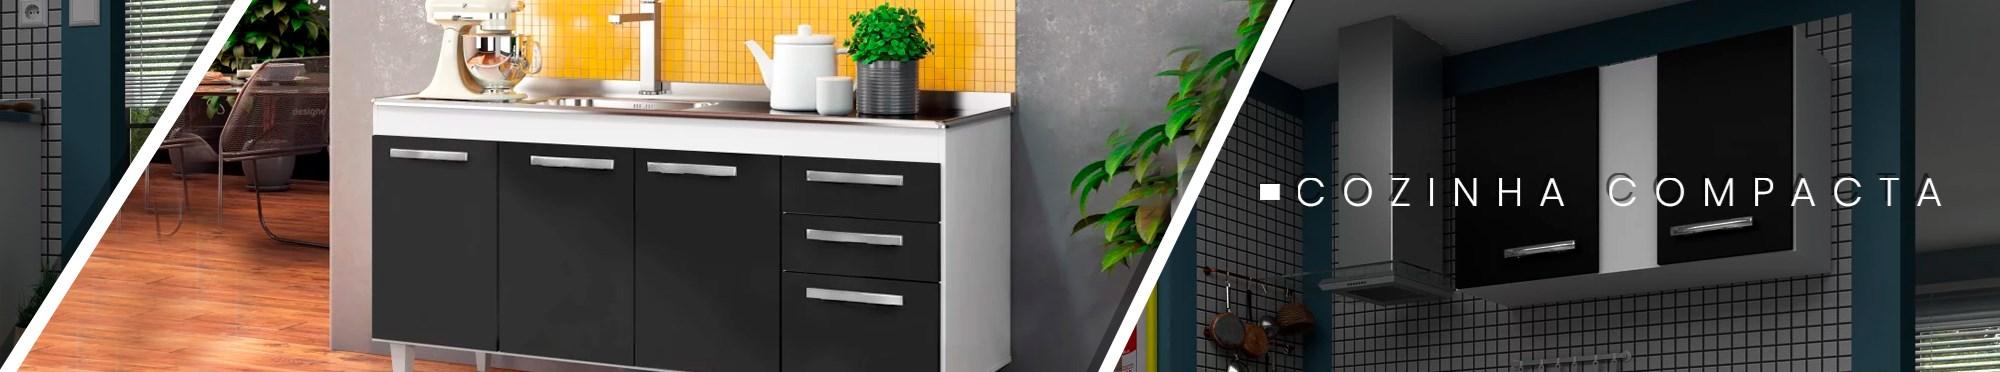 Cozinha Compacta - Mpozenato